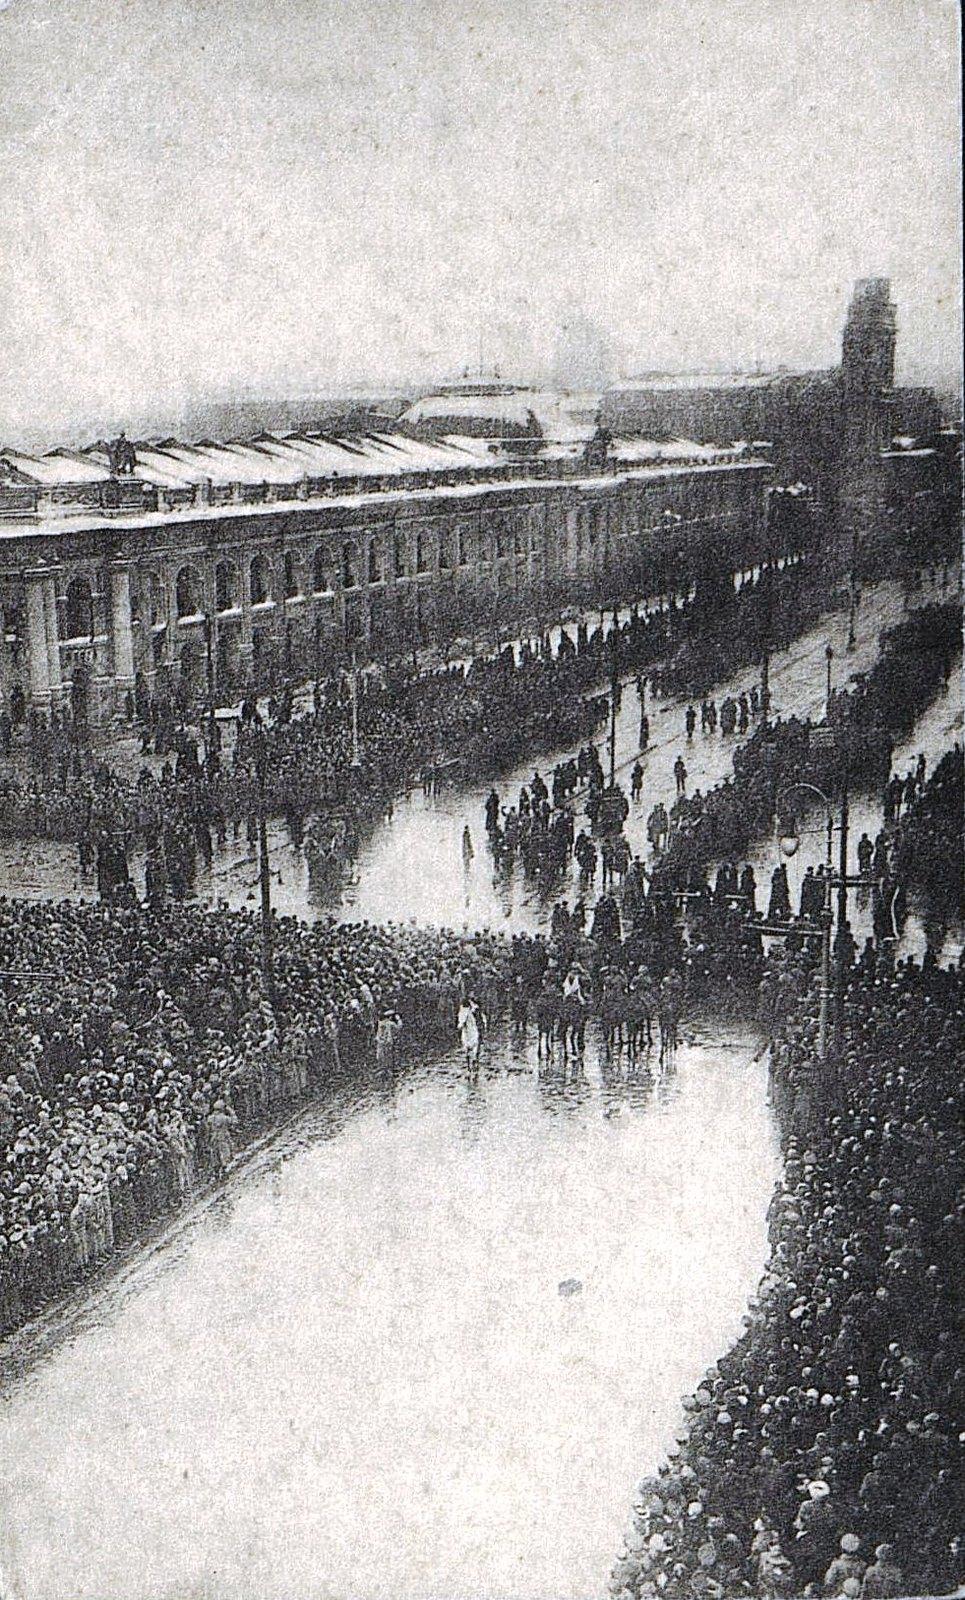 23. 23 марта . День похорон жертв революции. Процессия на Невском проспекте в Петрограде